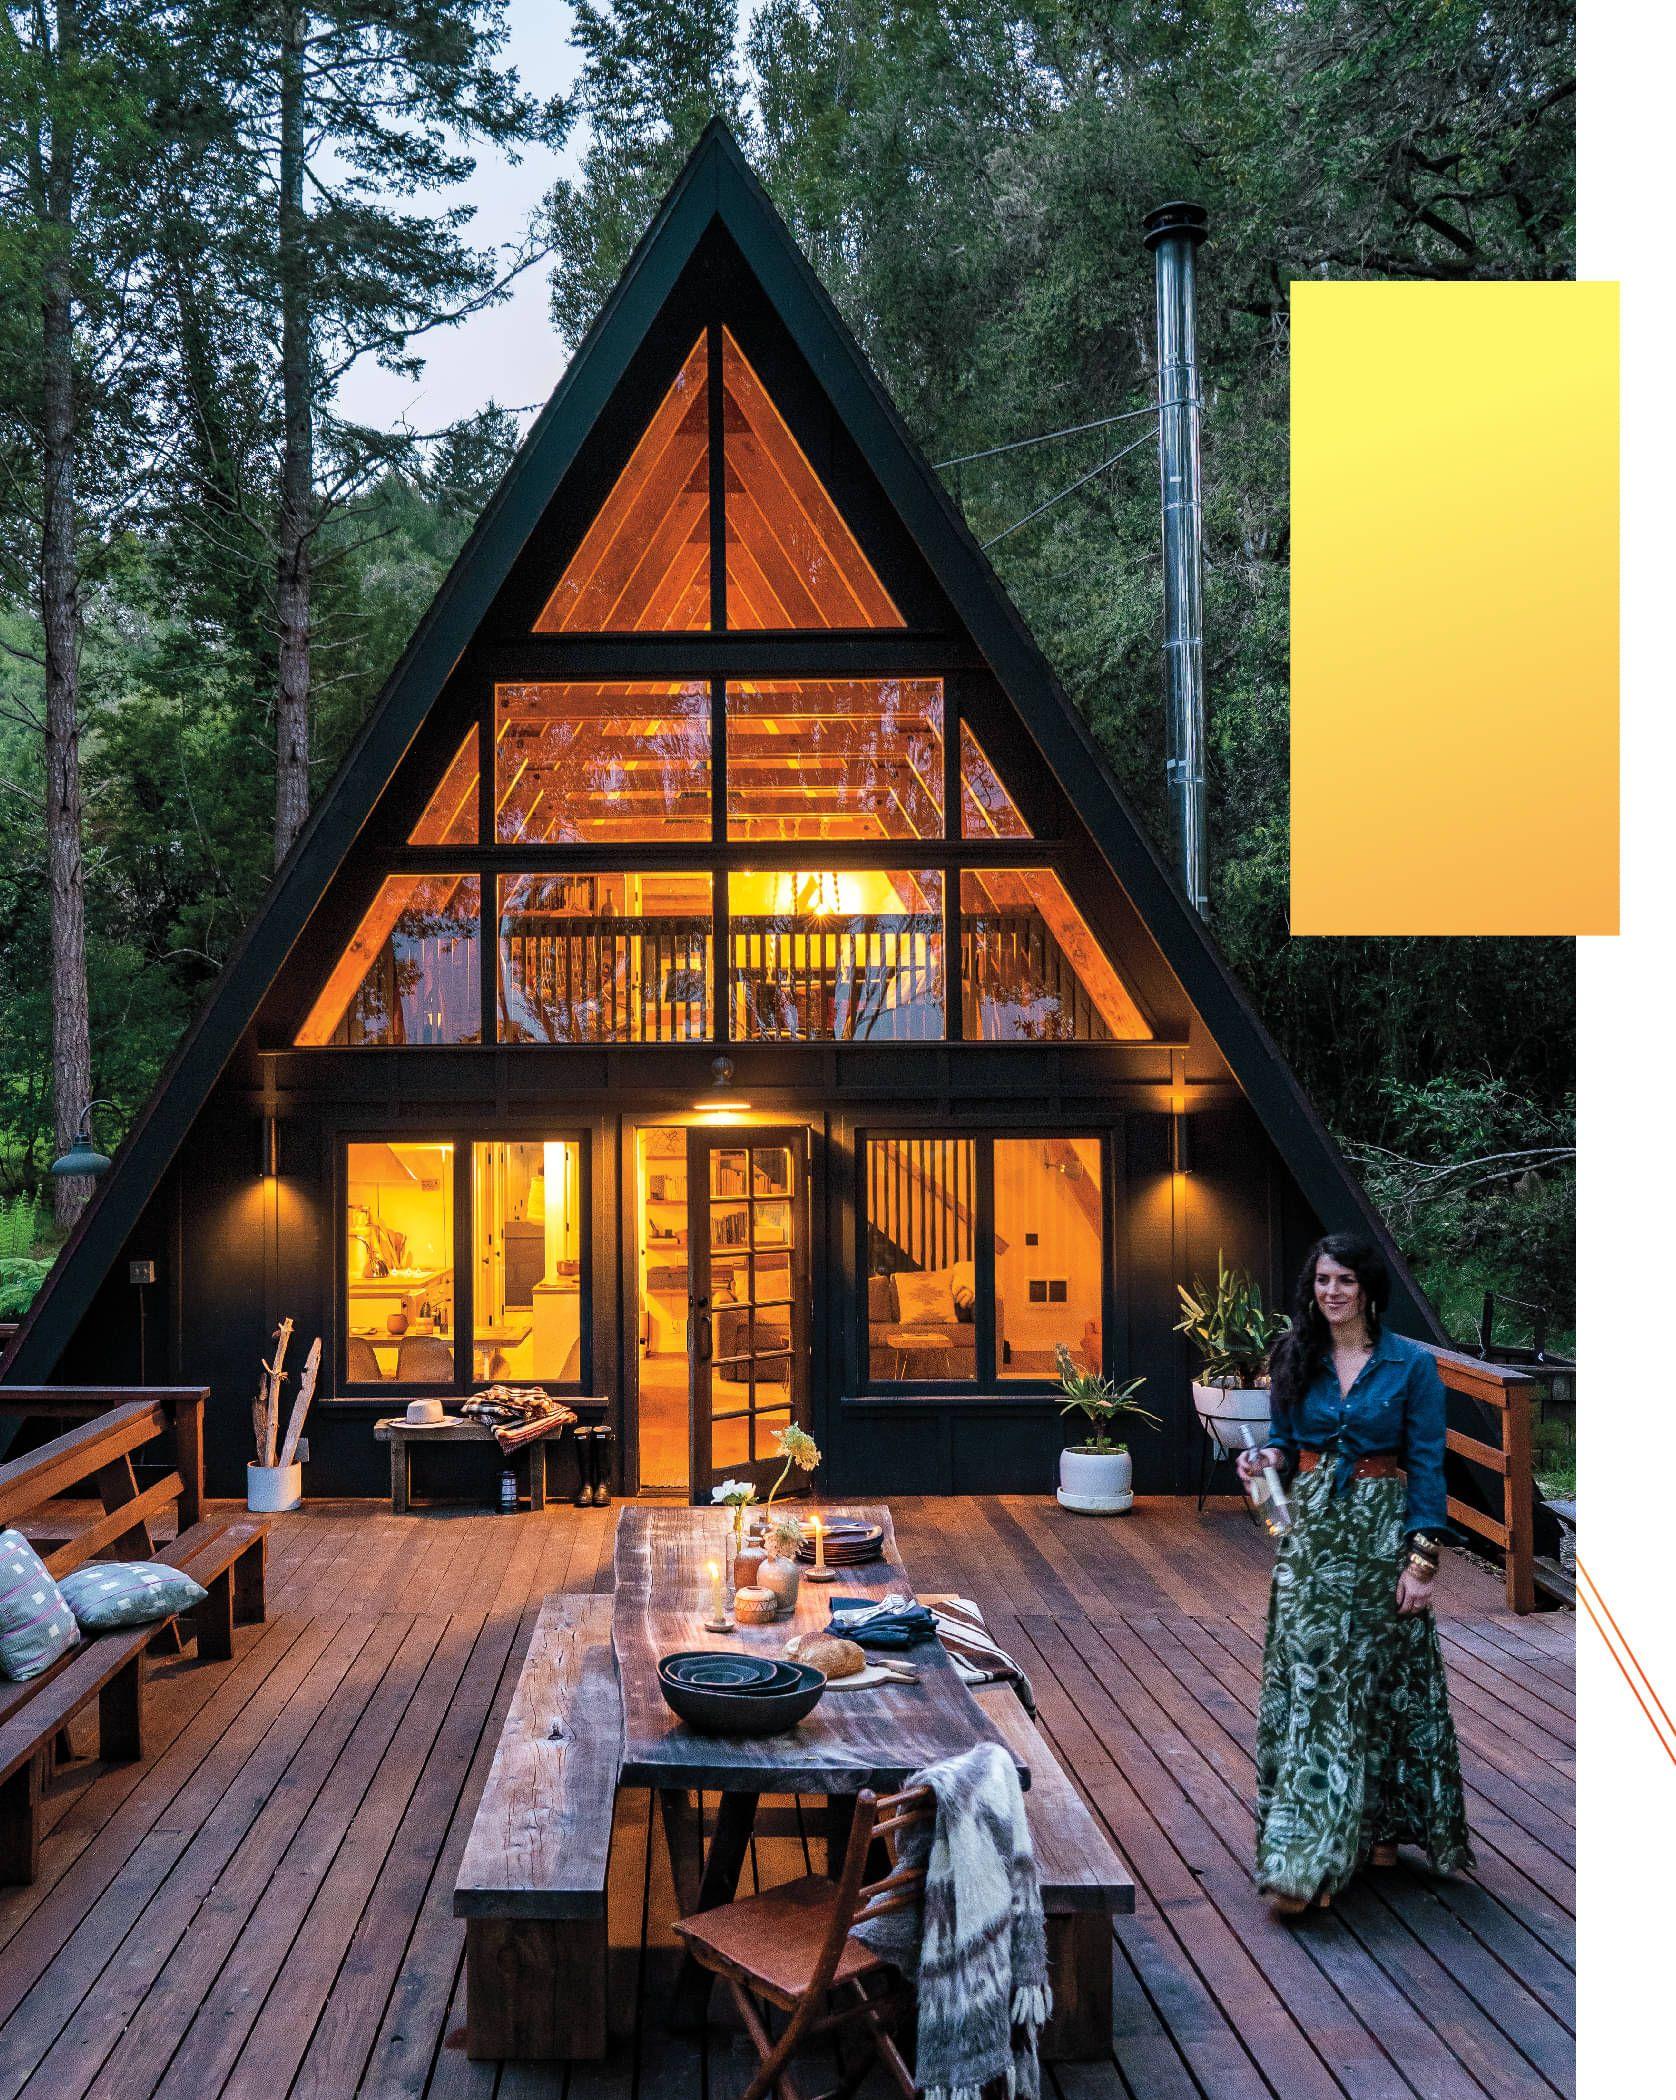 Une emblématique maison à l'architecture A frame dans la nature